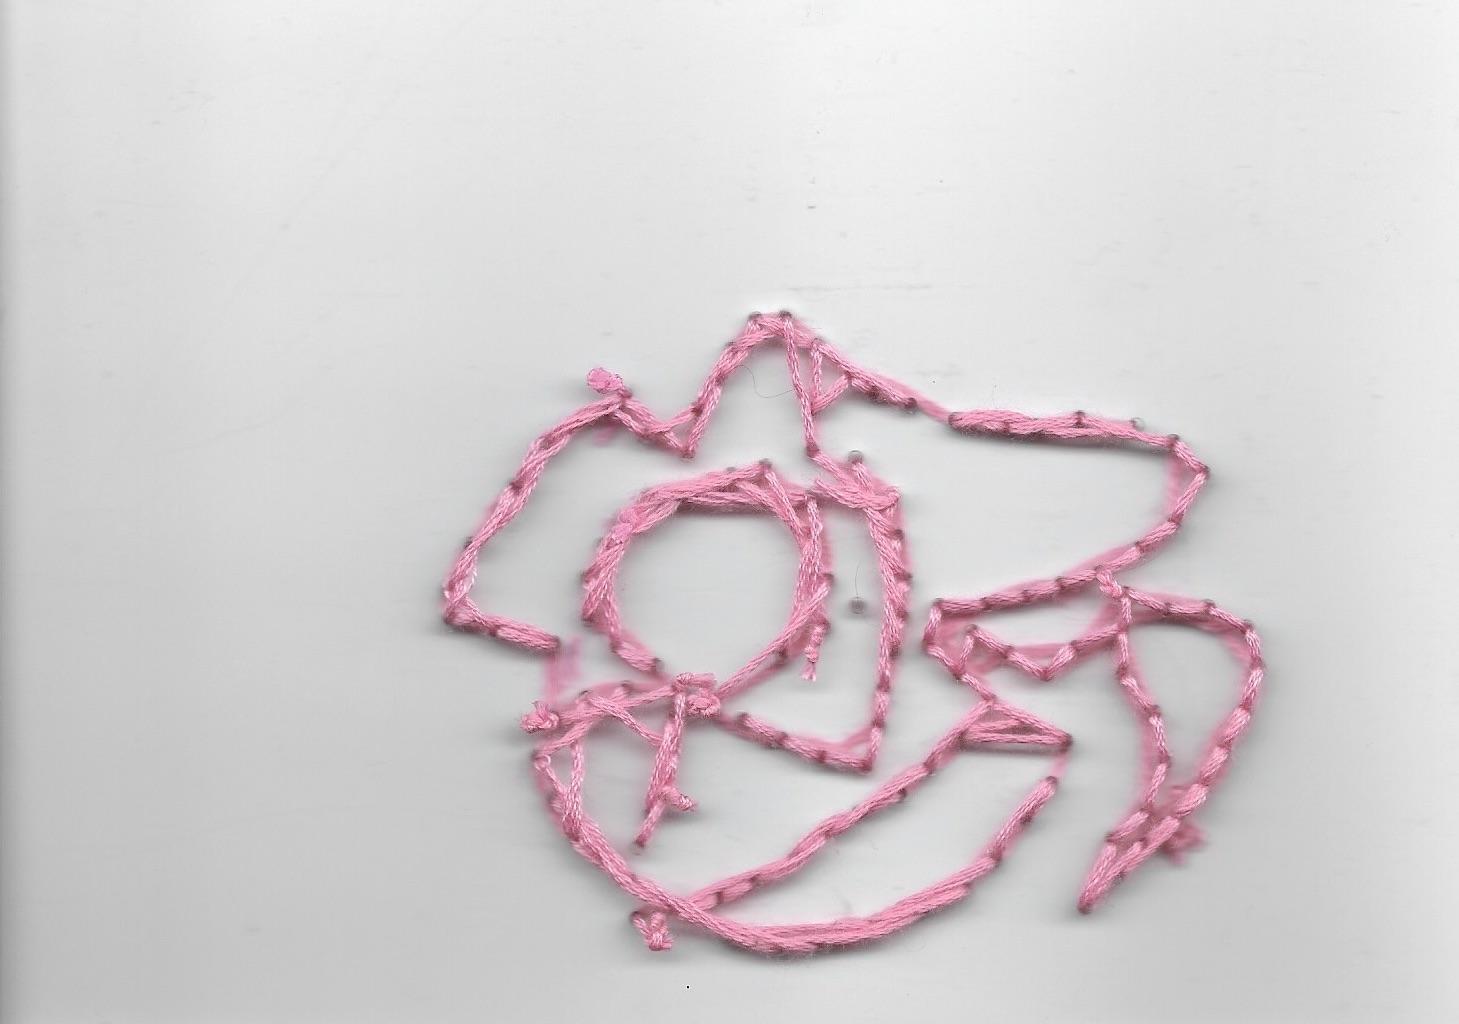 Pink flower, 14x19cm, cotton thread onto perspex, 2019